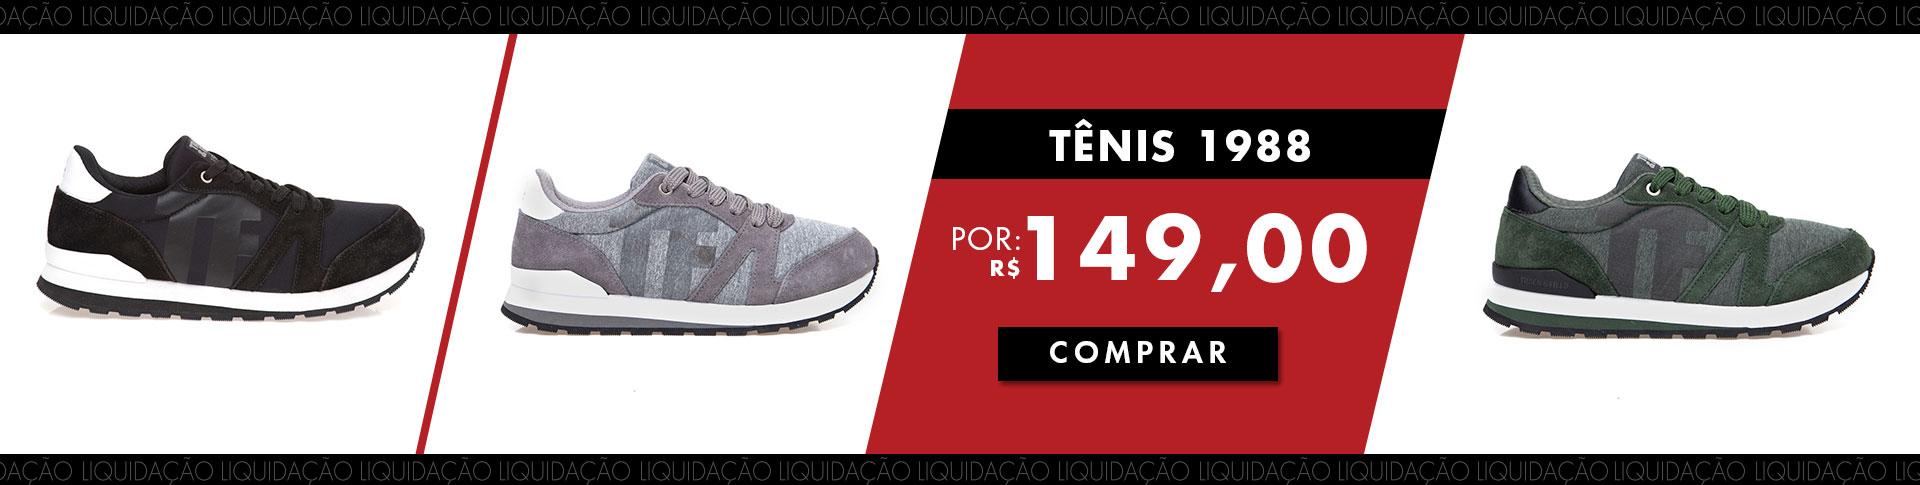 Liquidação i19 banner tênis